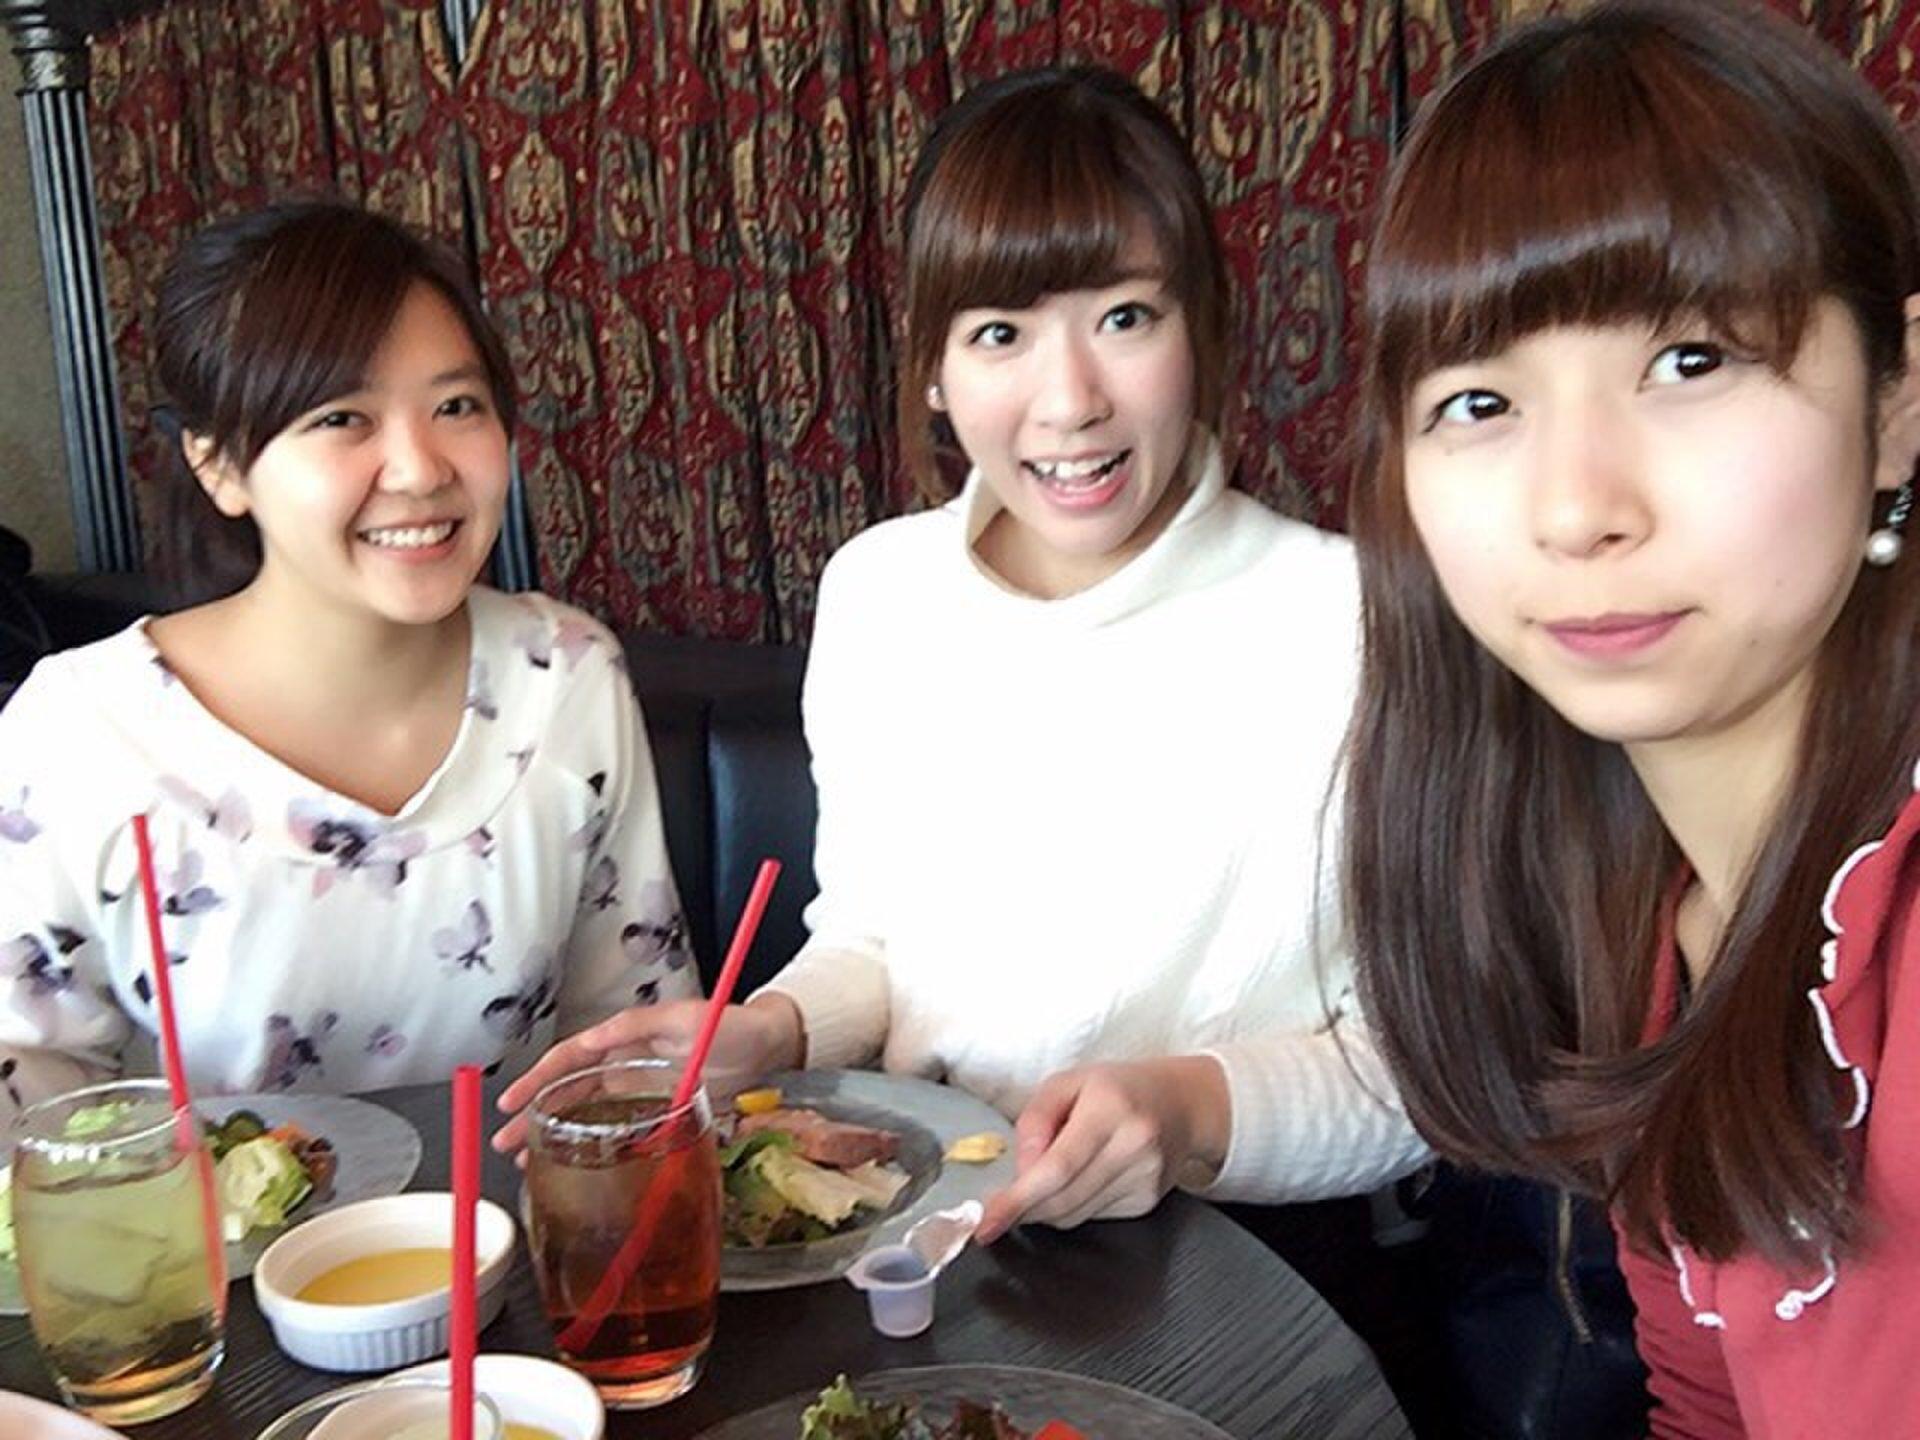 【渋谷×ランチ】おしゃれ好きオトナ女子必見!コスパ最強のおしゃれすぎるレストラン!